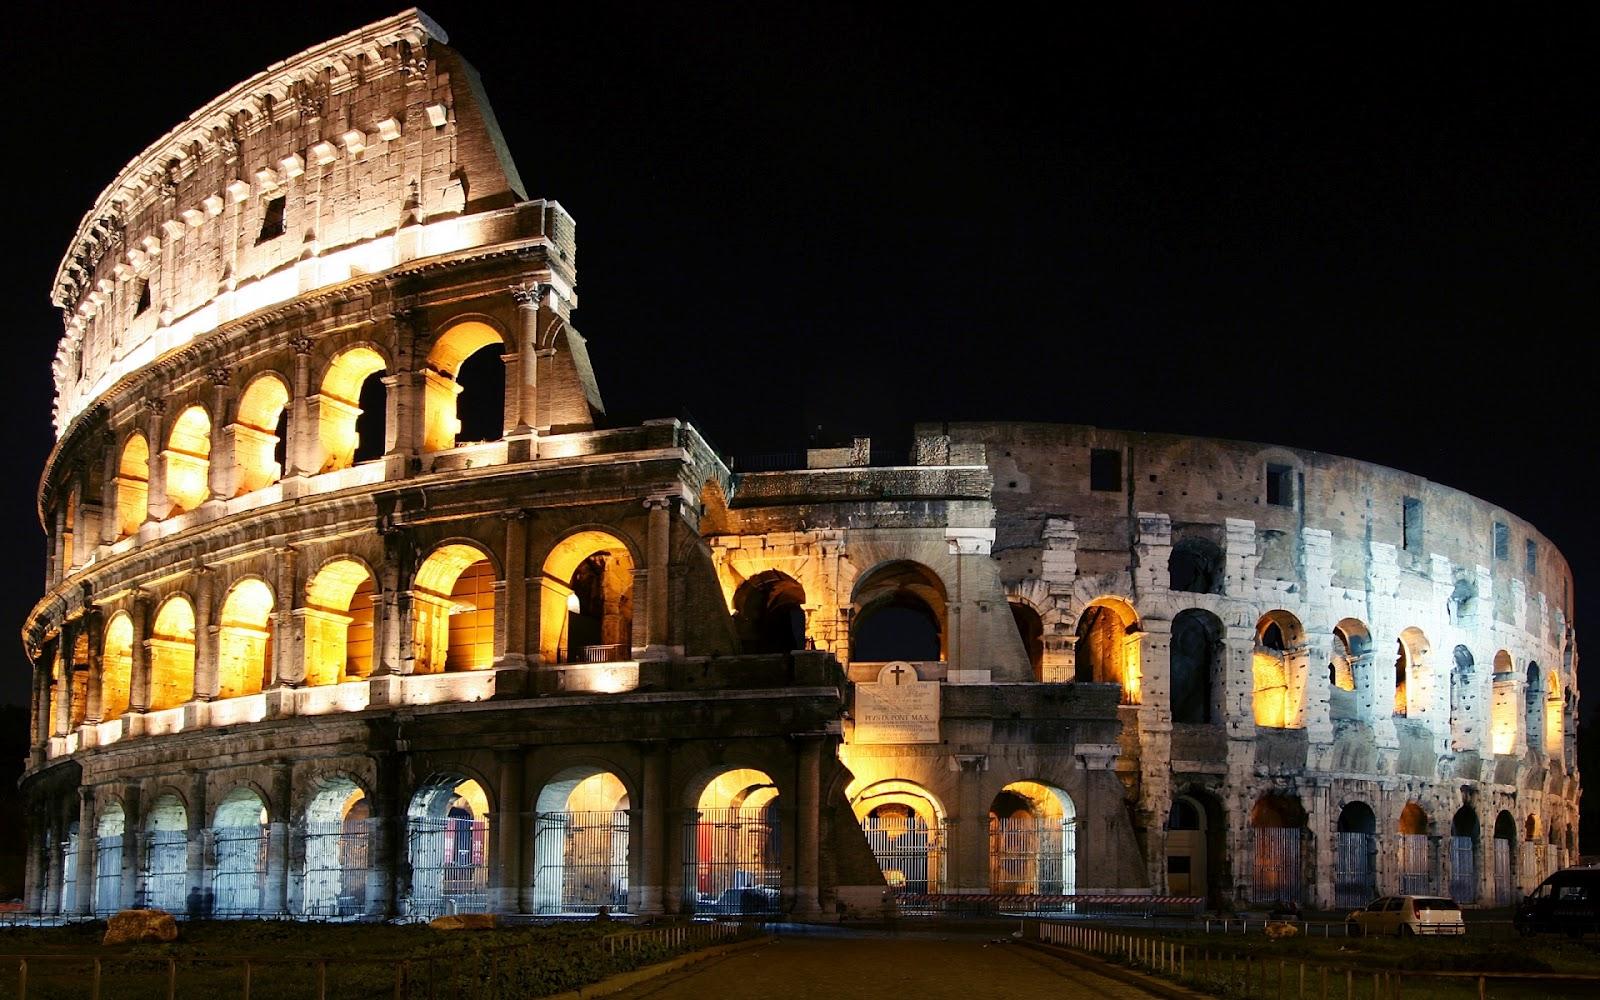 http://3.bp.blogspot.com/-dCrMWGTH4bc/UDDD4qe2fSI/AAAAAAAACgI/WjT5O8lYK0o/s1600/colosseum-italy-1920x1200-wallpaper-4432.jpg